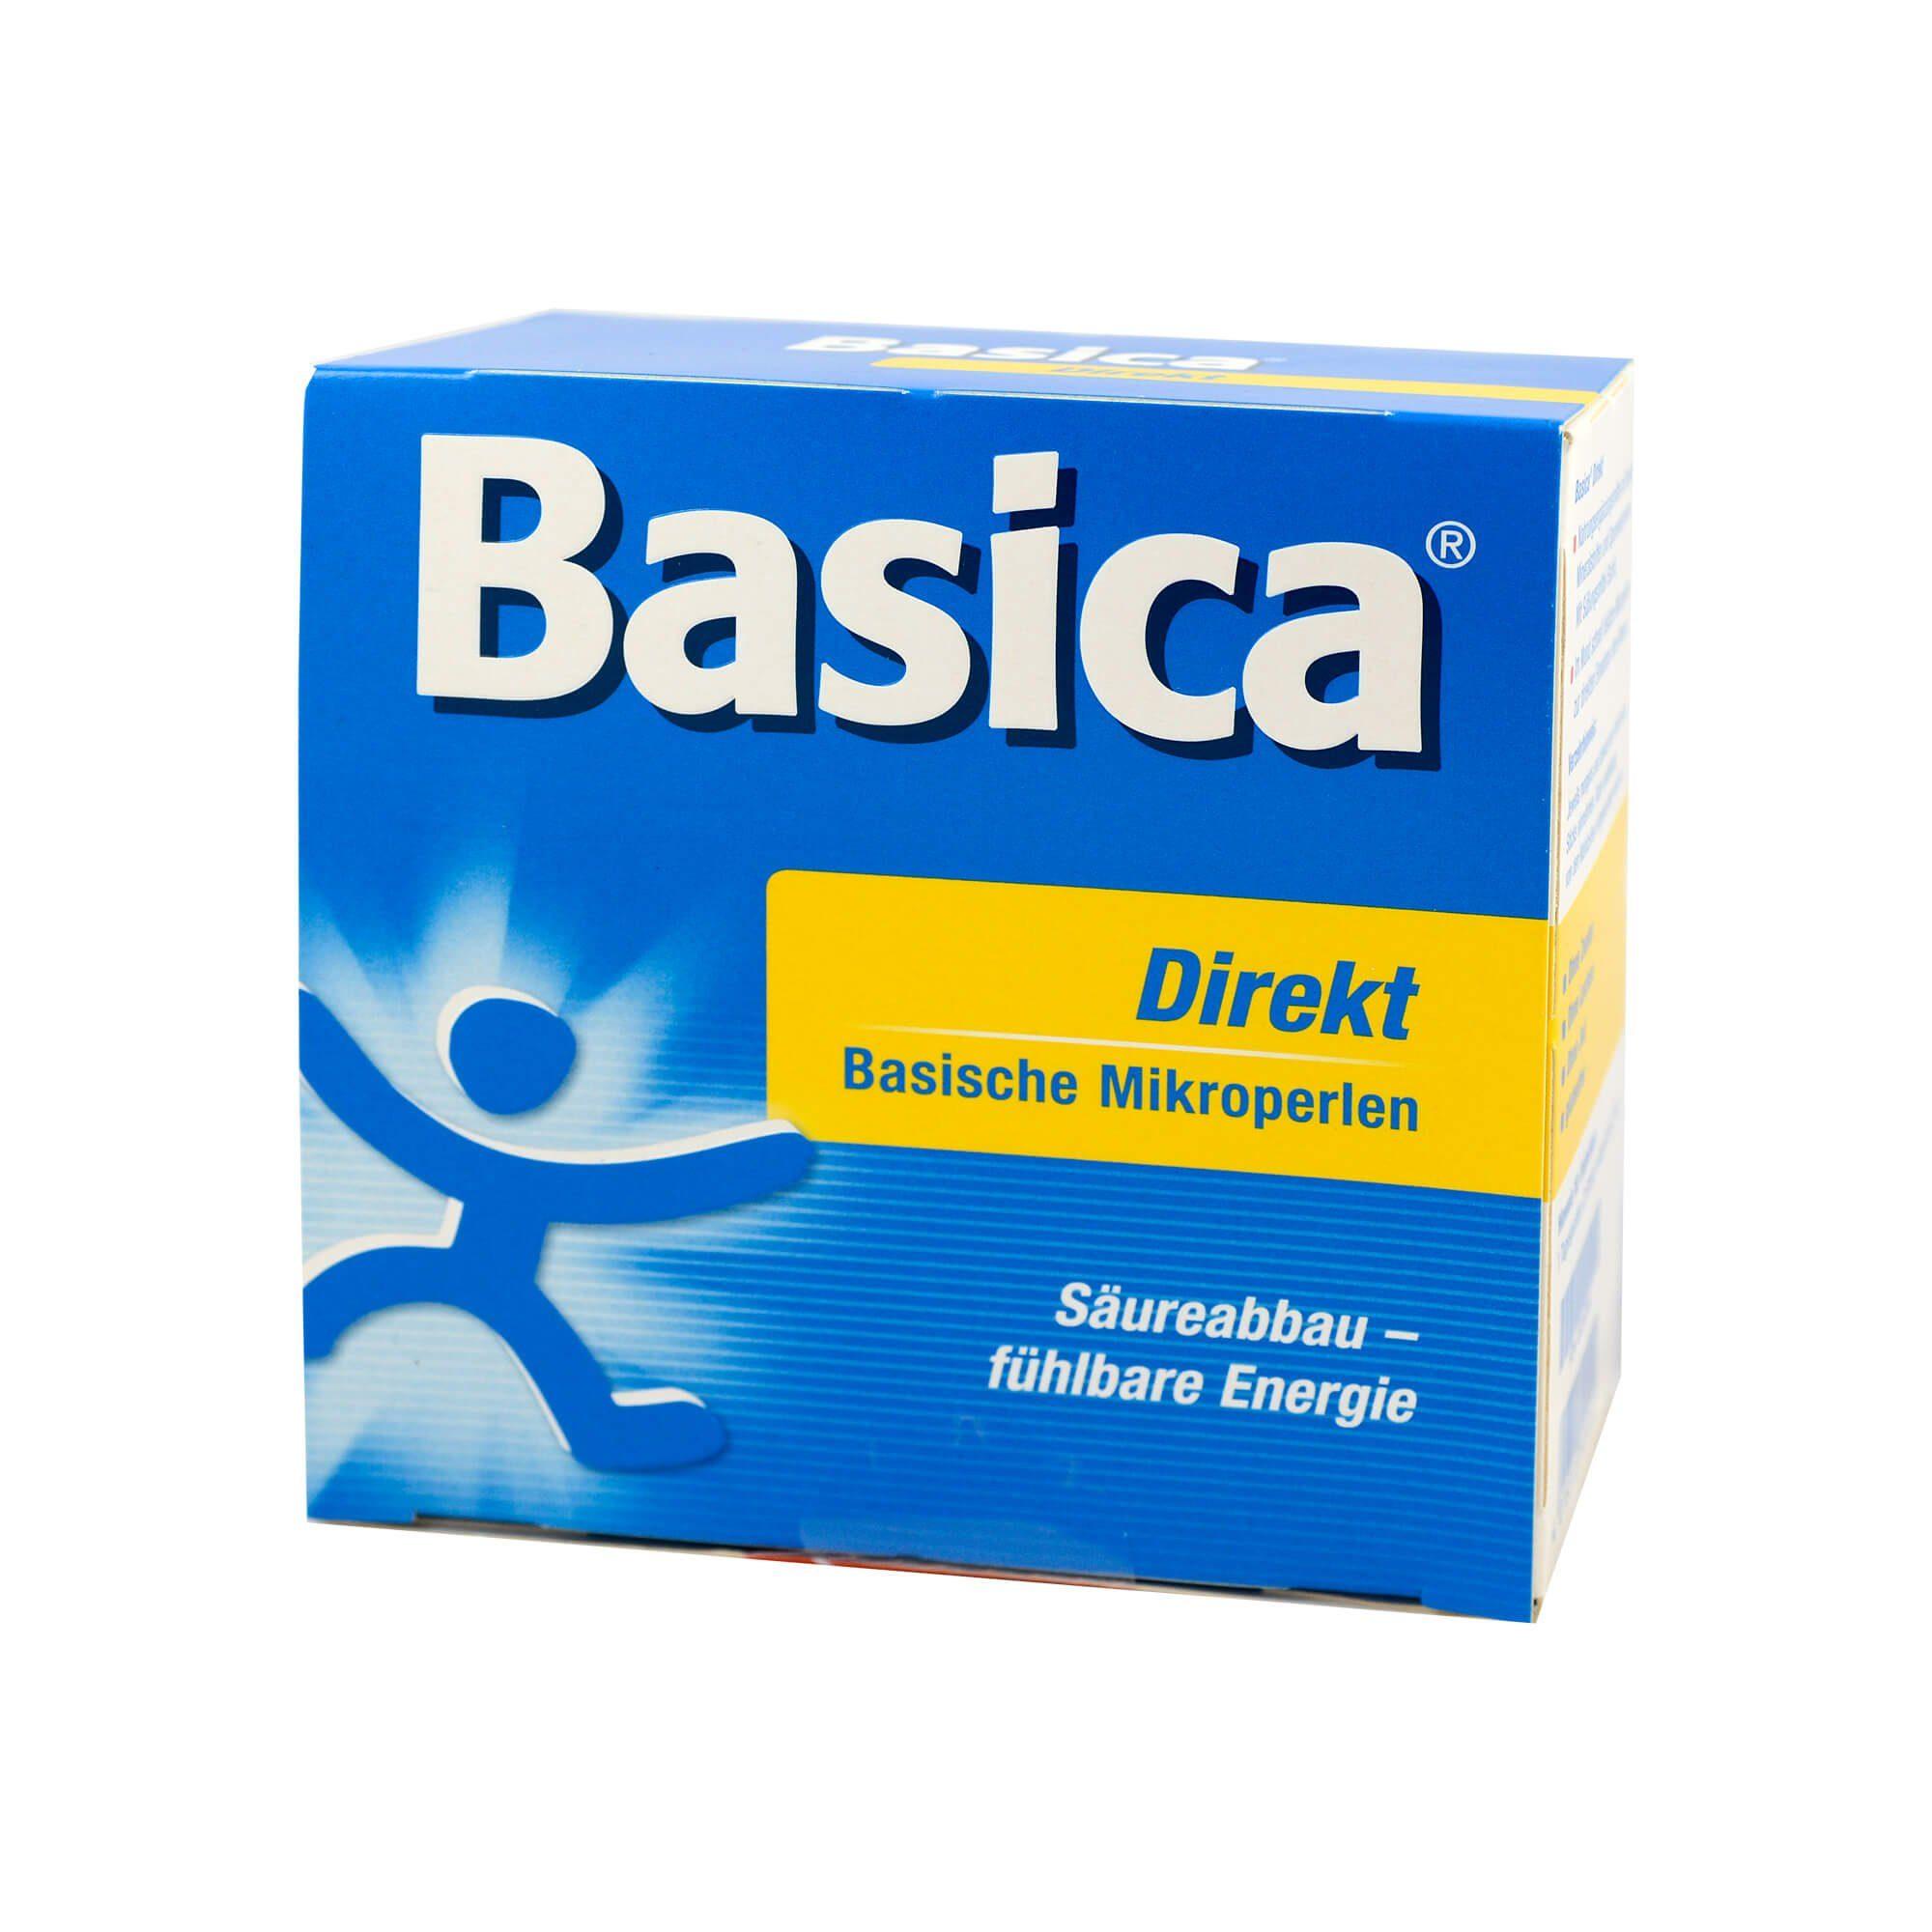 Basica Direkt , 30X2.8 g